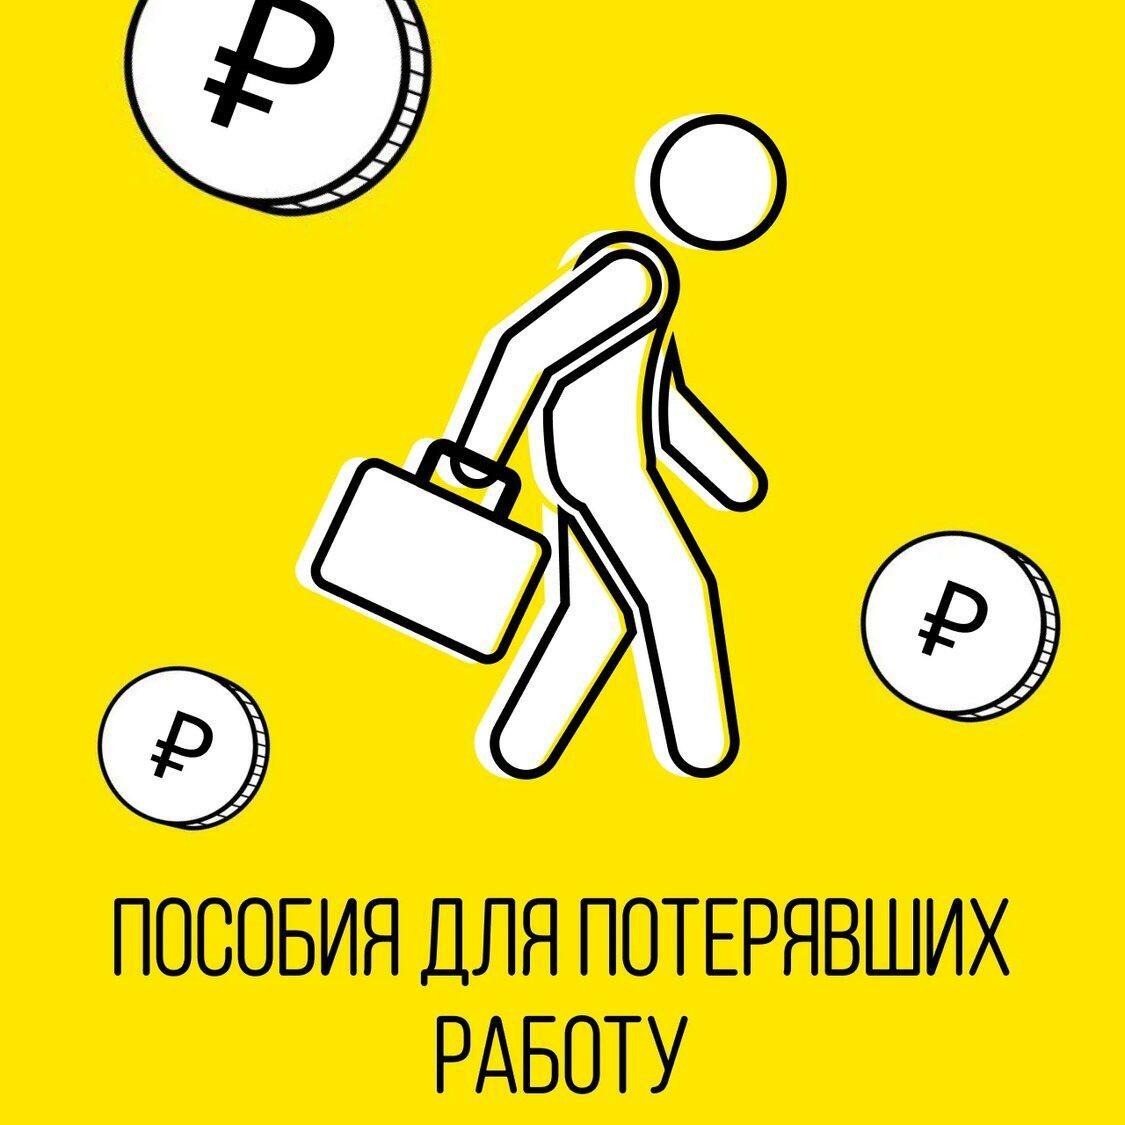 Порядок выплаты компенсации безработным москвичам упростили